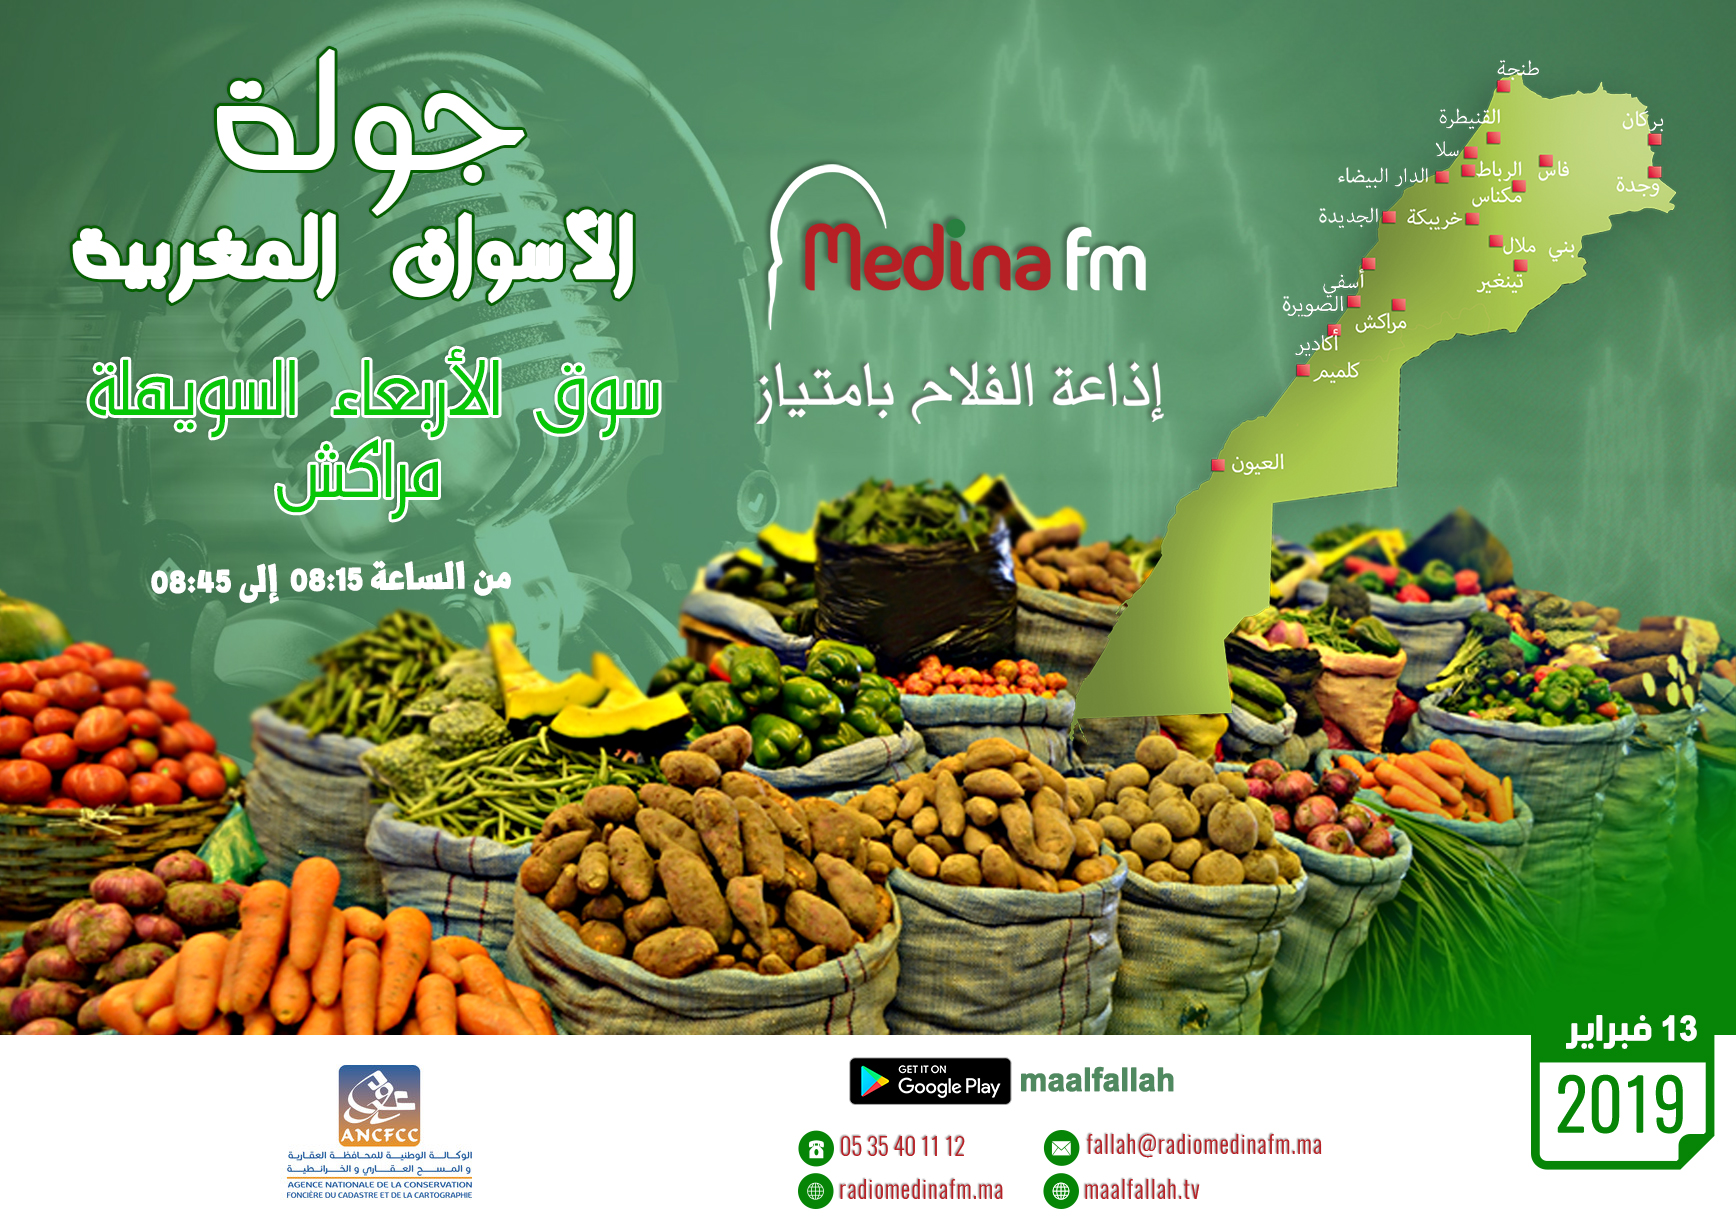 سوق أربعاء السويهلة يدخل في مخططات الوكالة الوطنية للتحفيظ العقاري والهدف الرفع من قيمة العقار الفلاحي